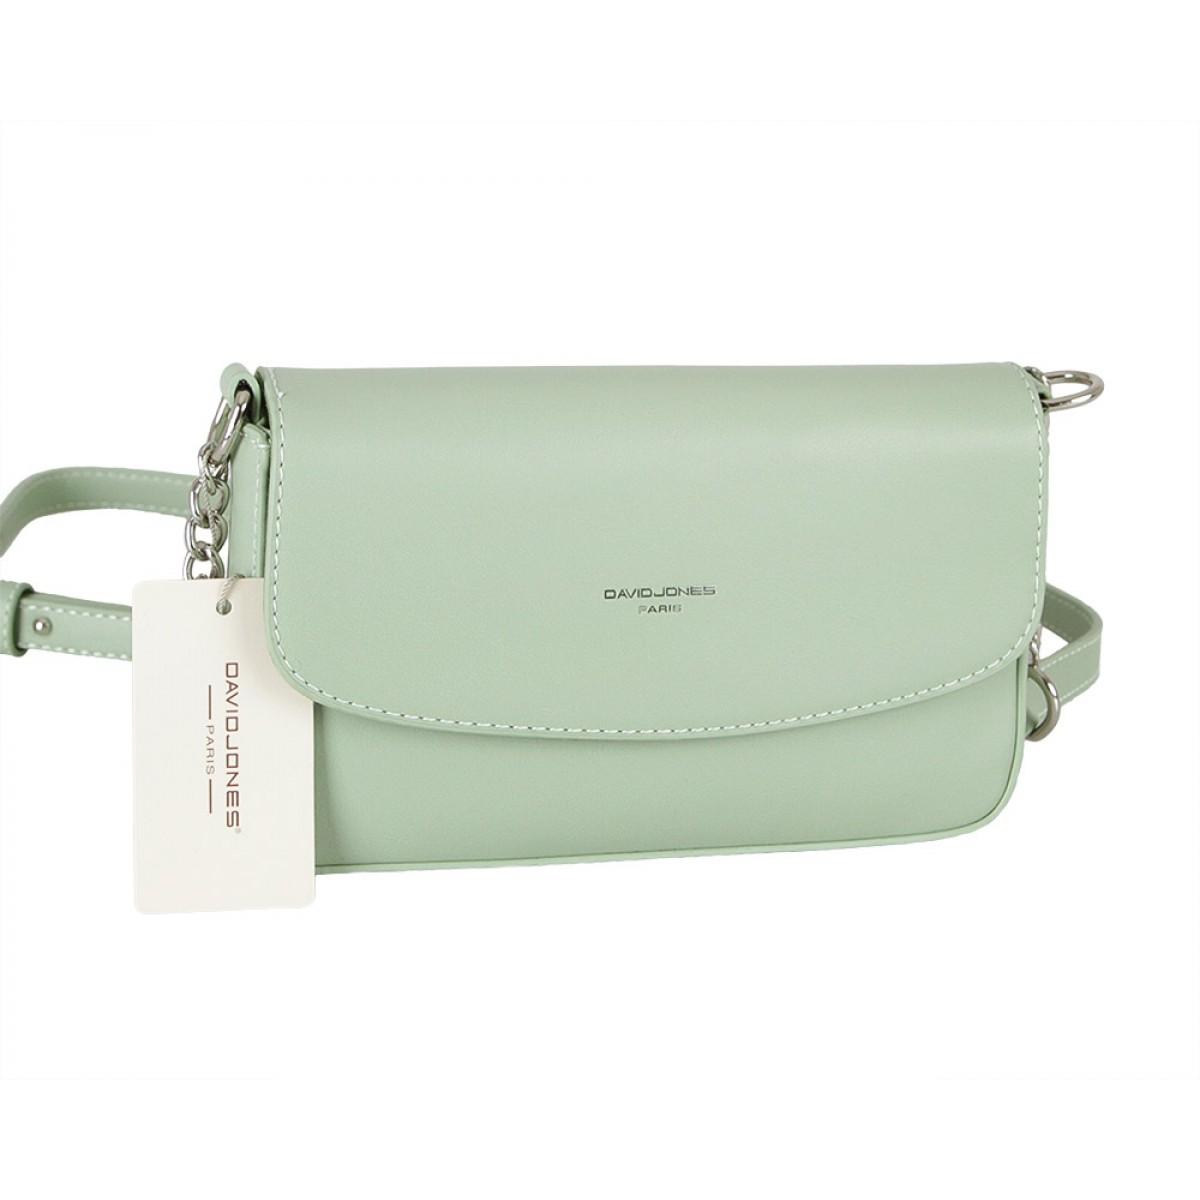 Жіноча сумка David Jones CM5635 GREEN